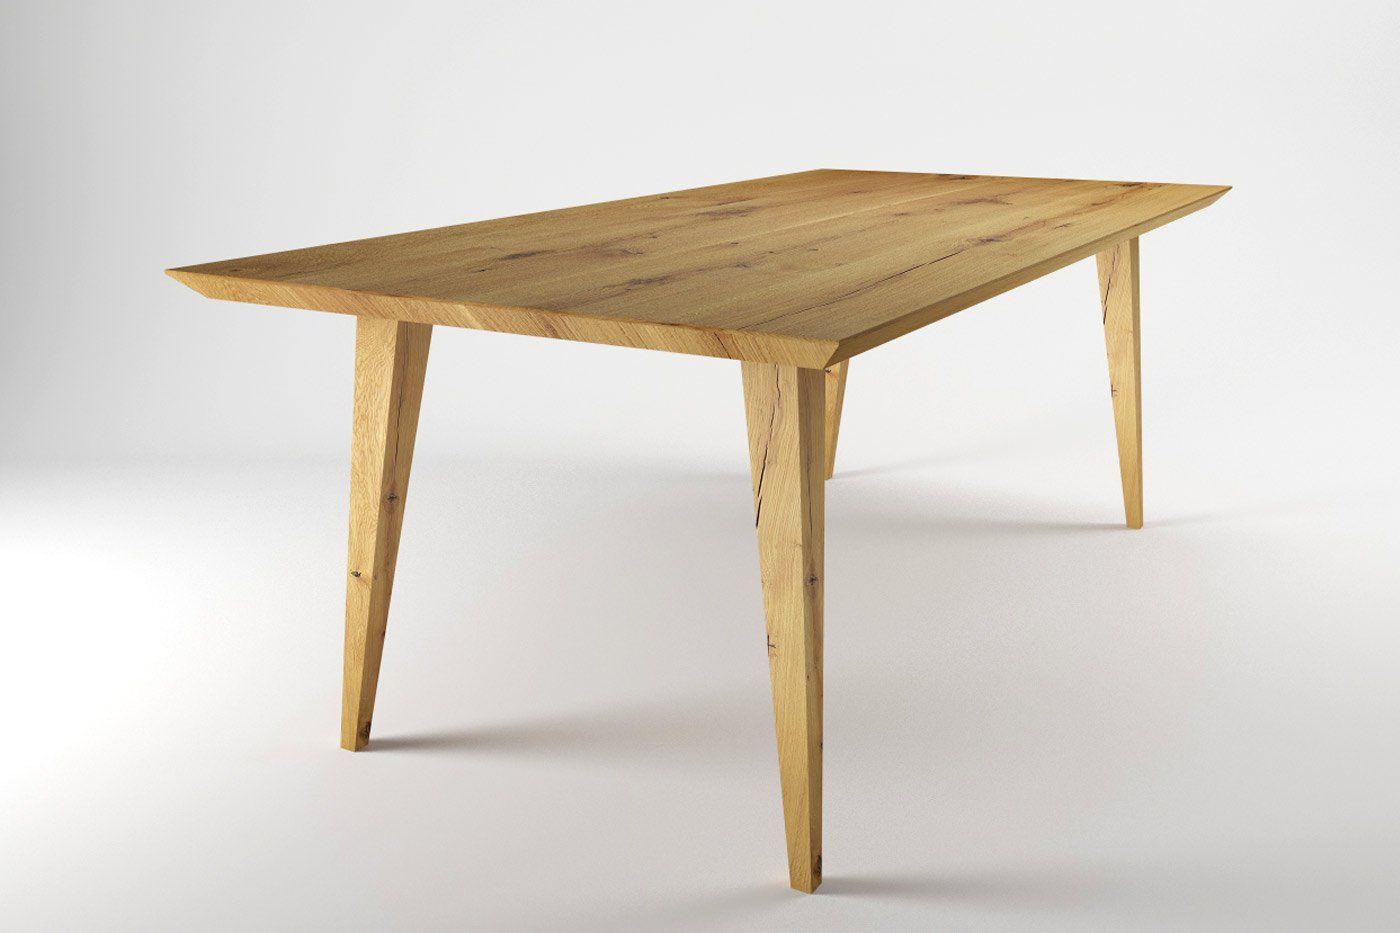 Holz Esstisch Eiche Auf Mass Wohnsektion Tischbeine Holz Tischbeine Massiv Tisch